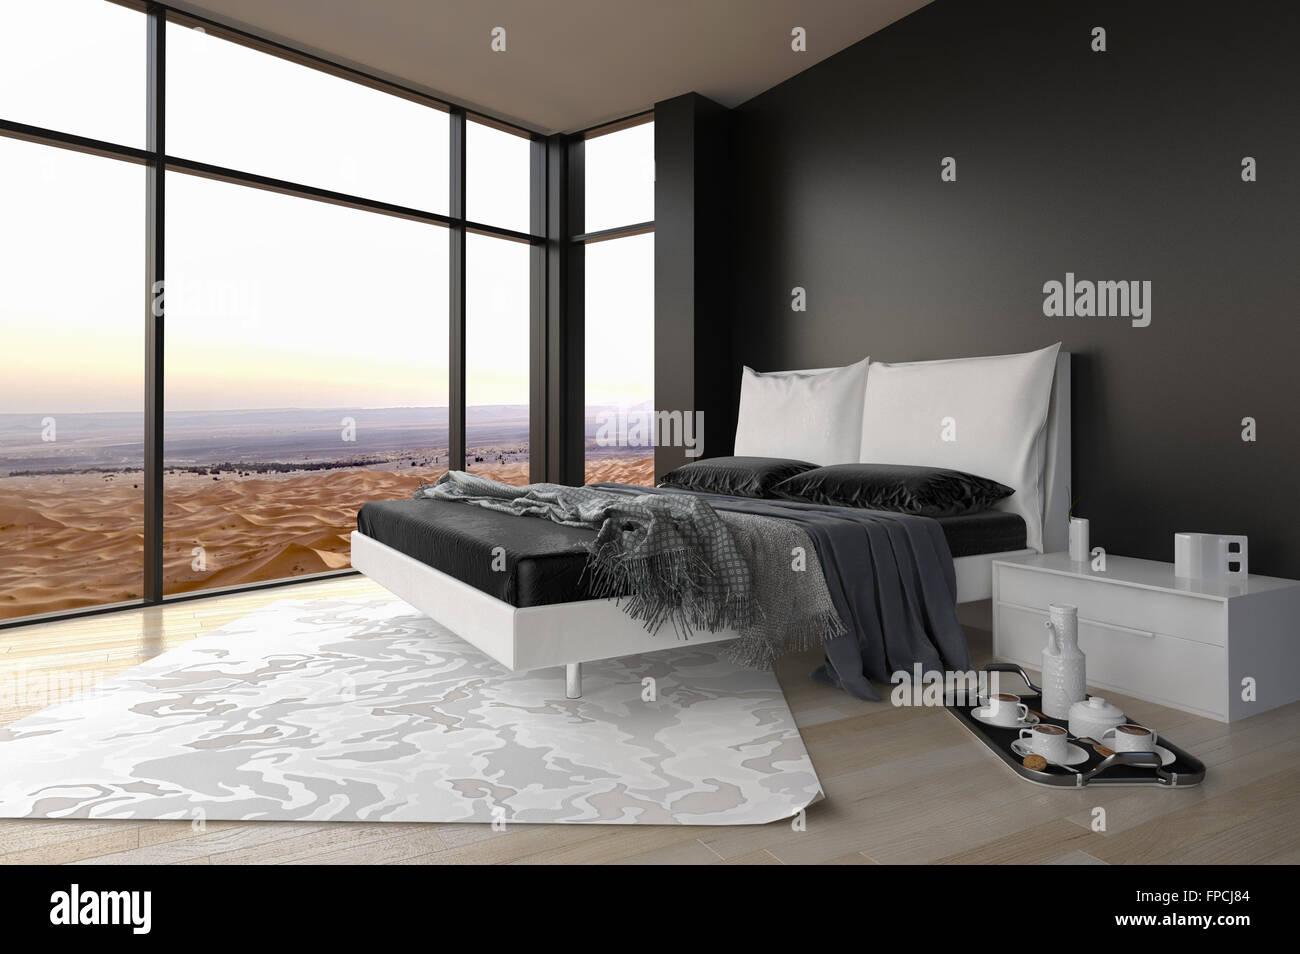 Fußboden Für Schlafzimmer ~ Moderne schlafzimmer innenraum mit blick auf die landschaft durch